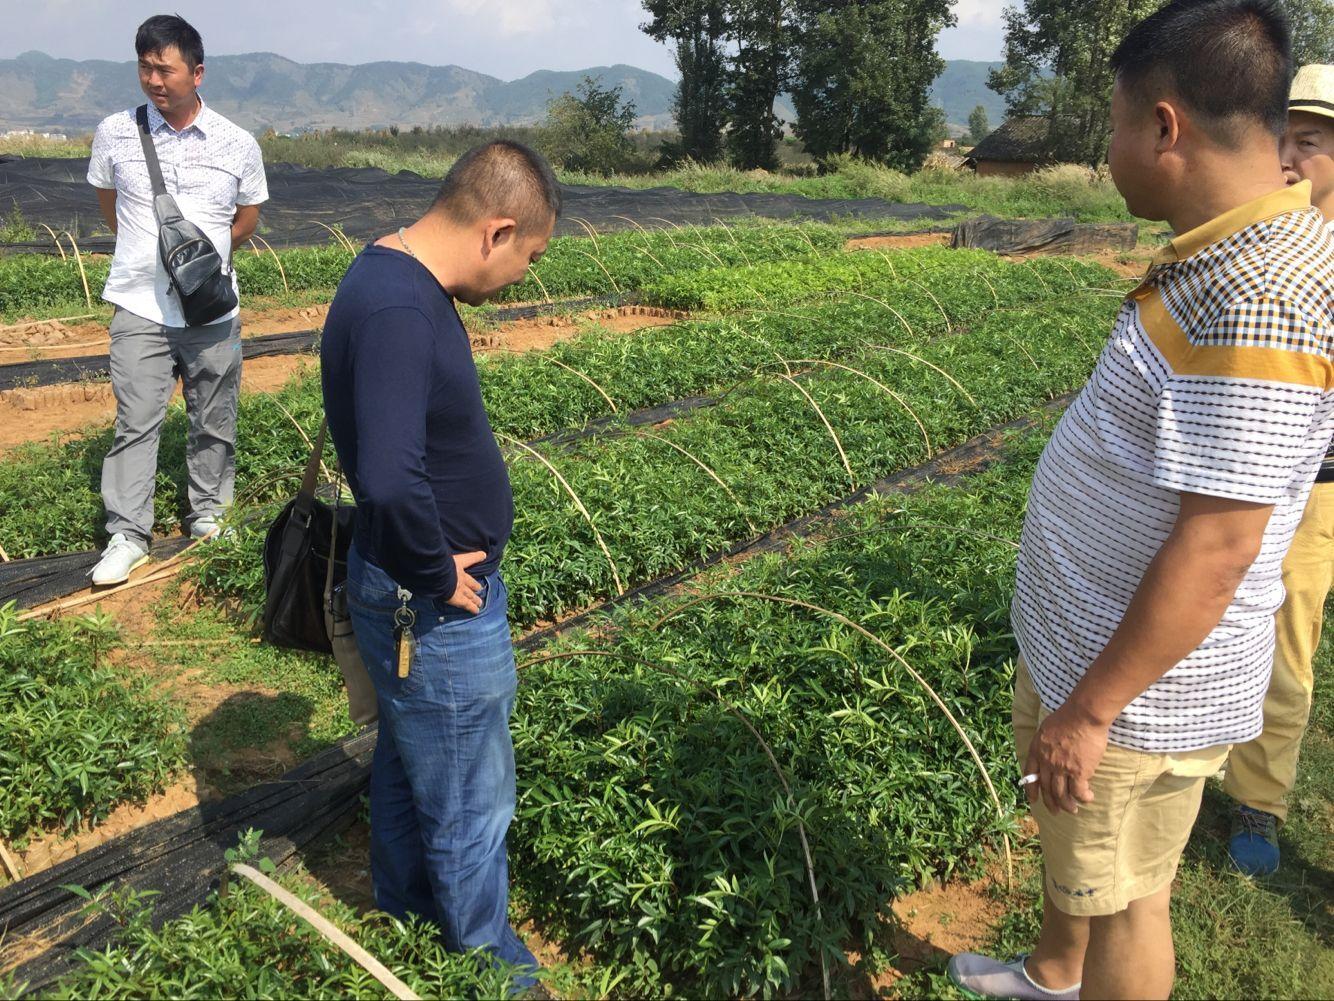 2016年10月6日红河州客户前来基地考察青花椒袋苗